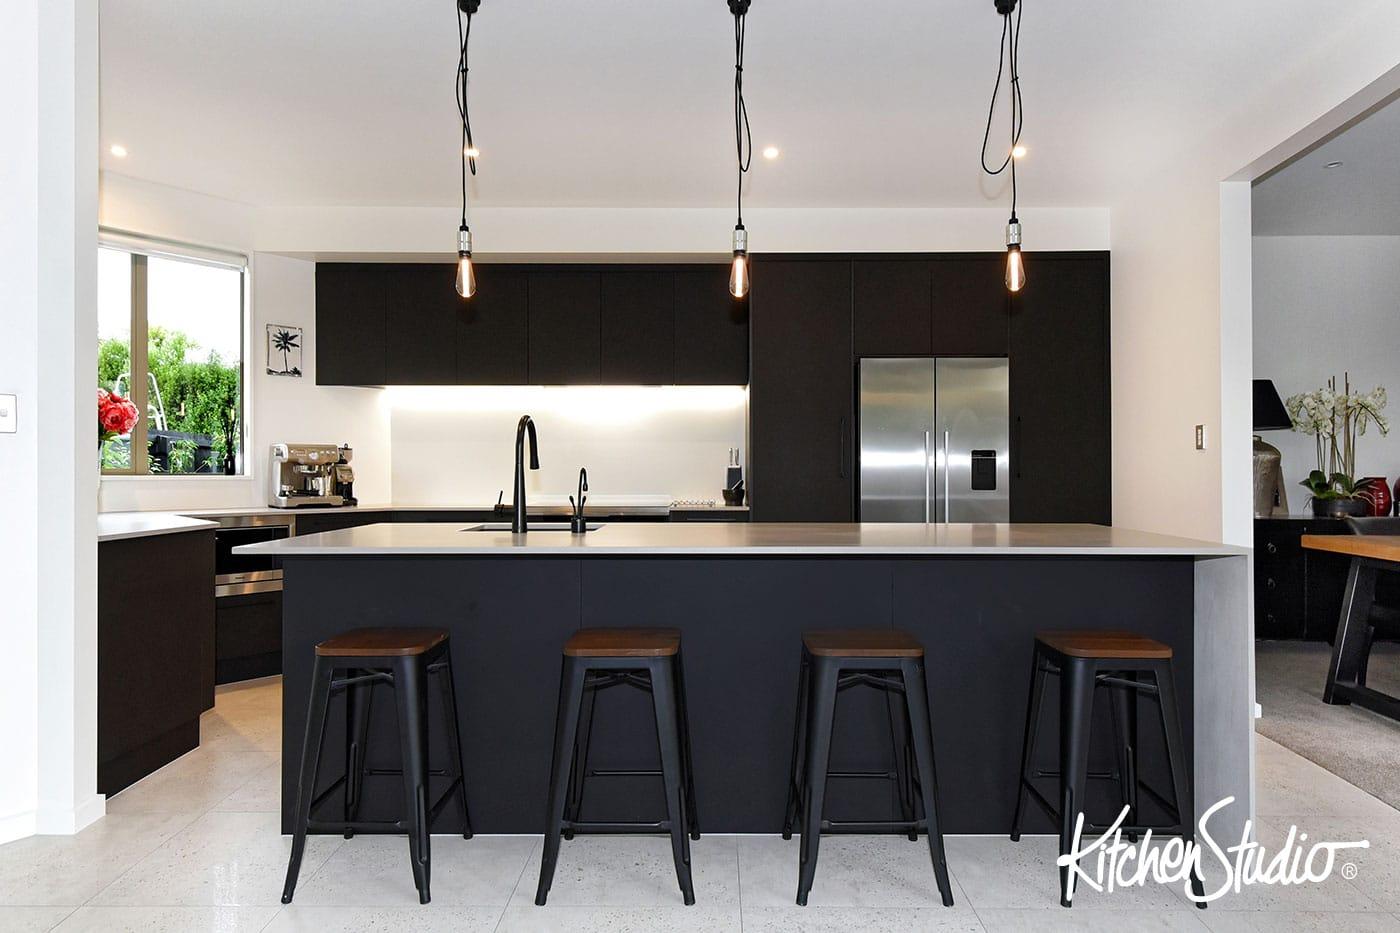 Kitchen Design Gallery • Kitchen Studio